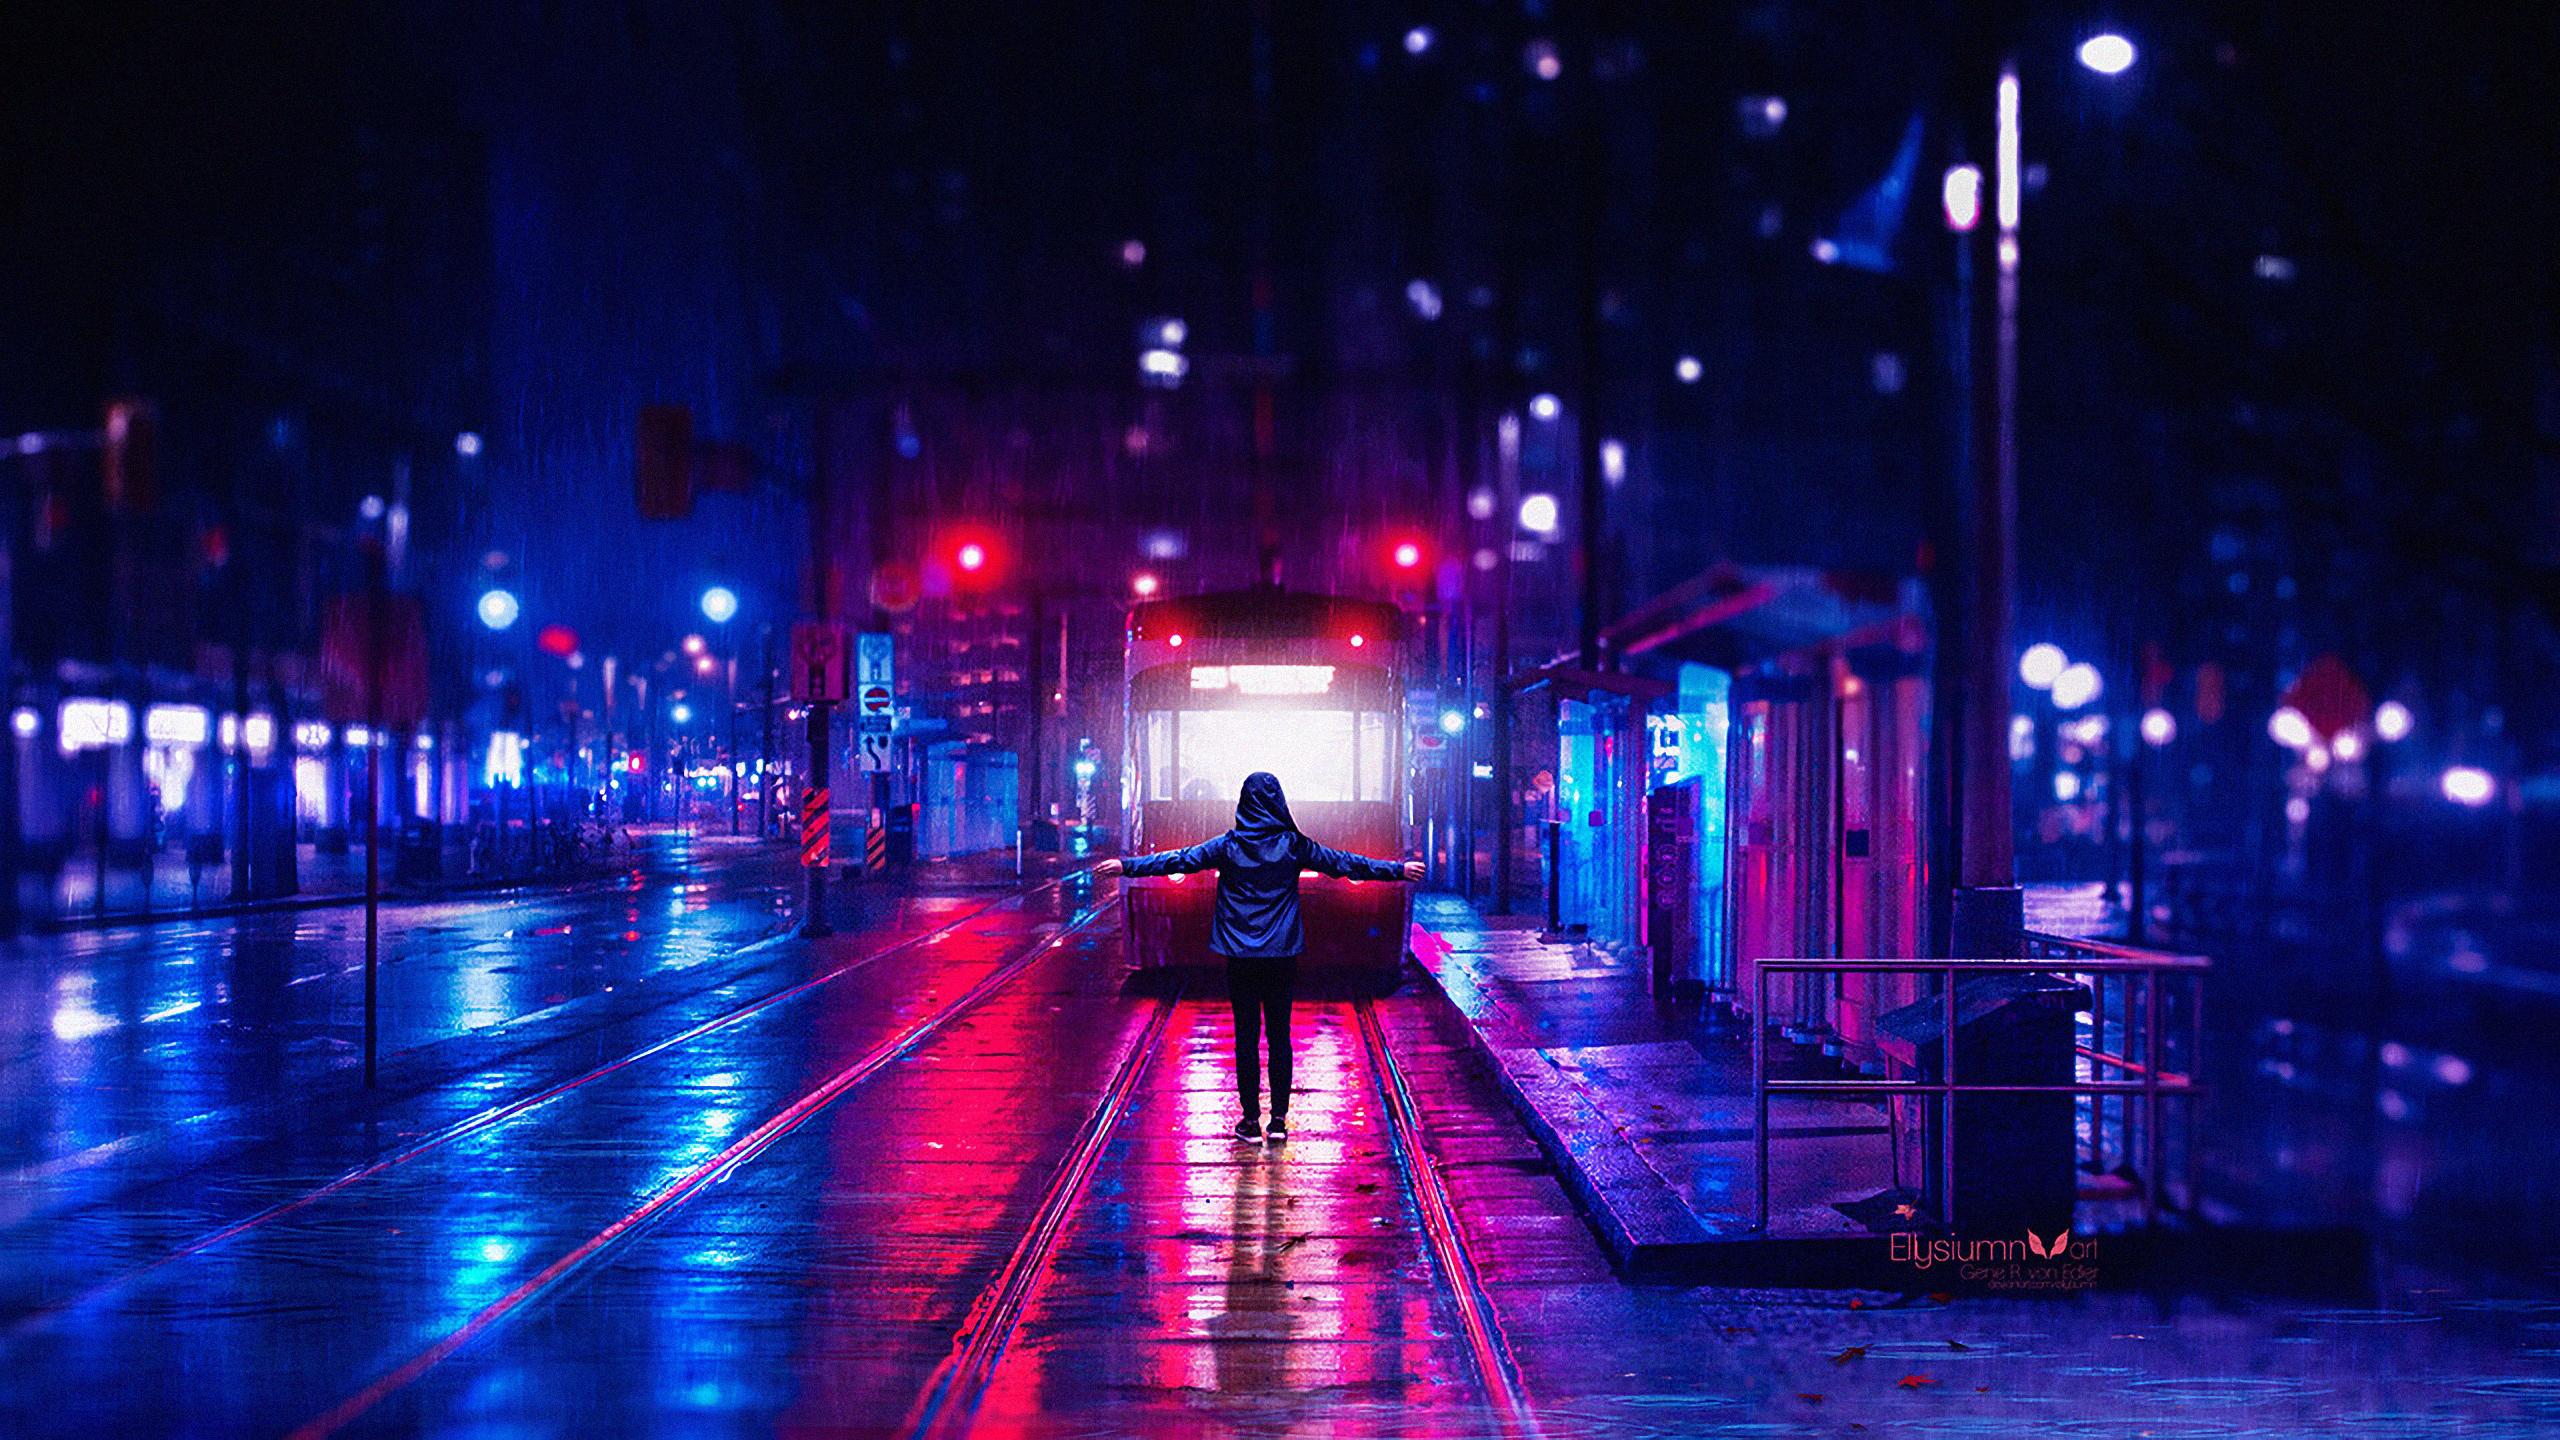 картинки на рабочий стол ночь дождь сохранившихся фотографиях она